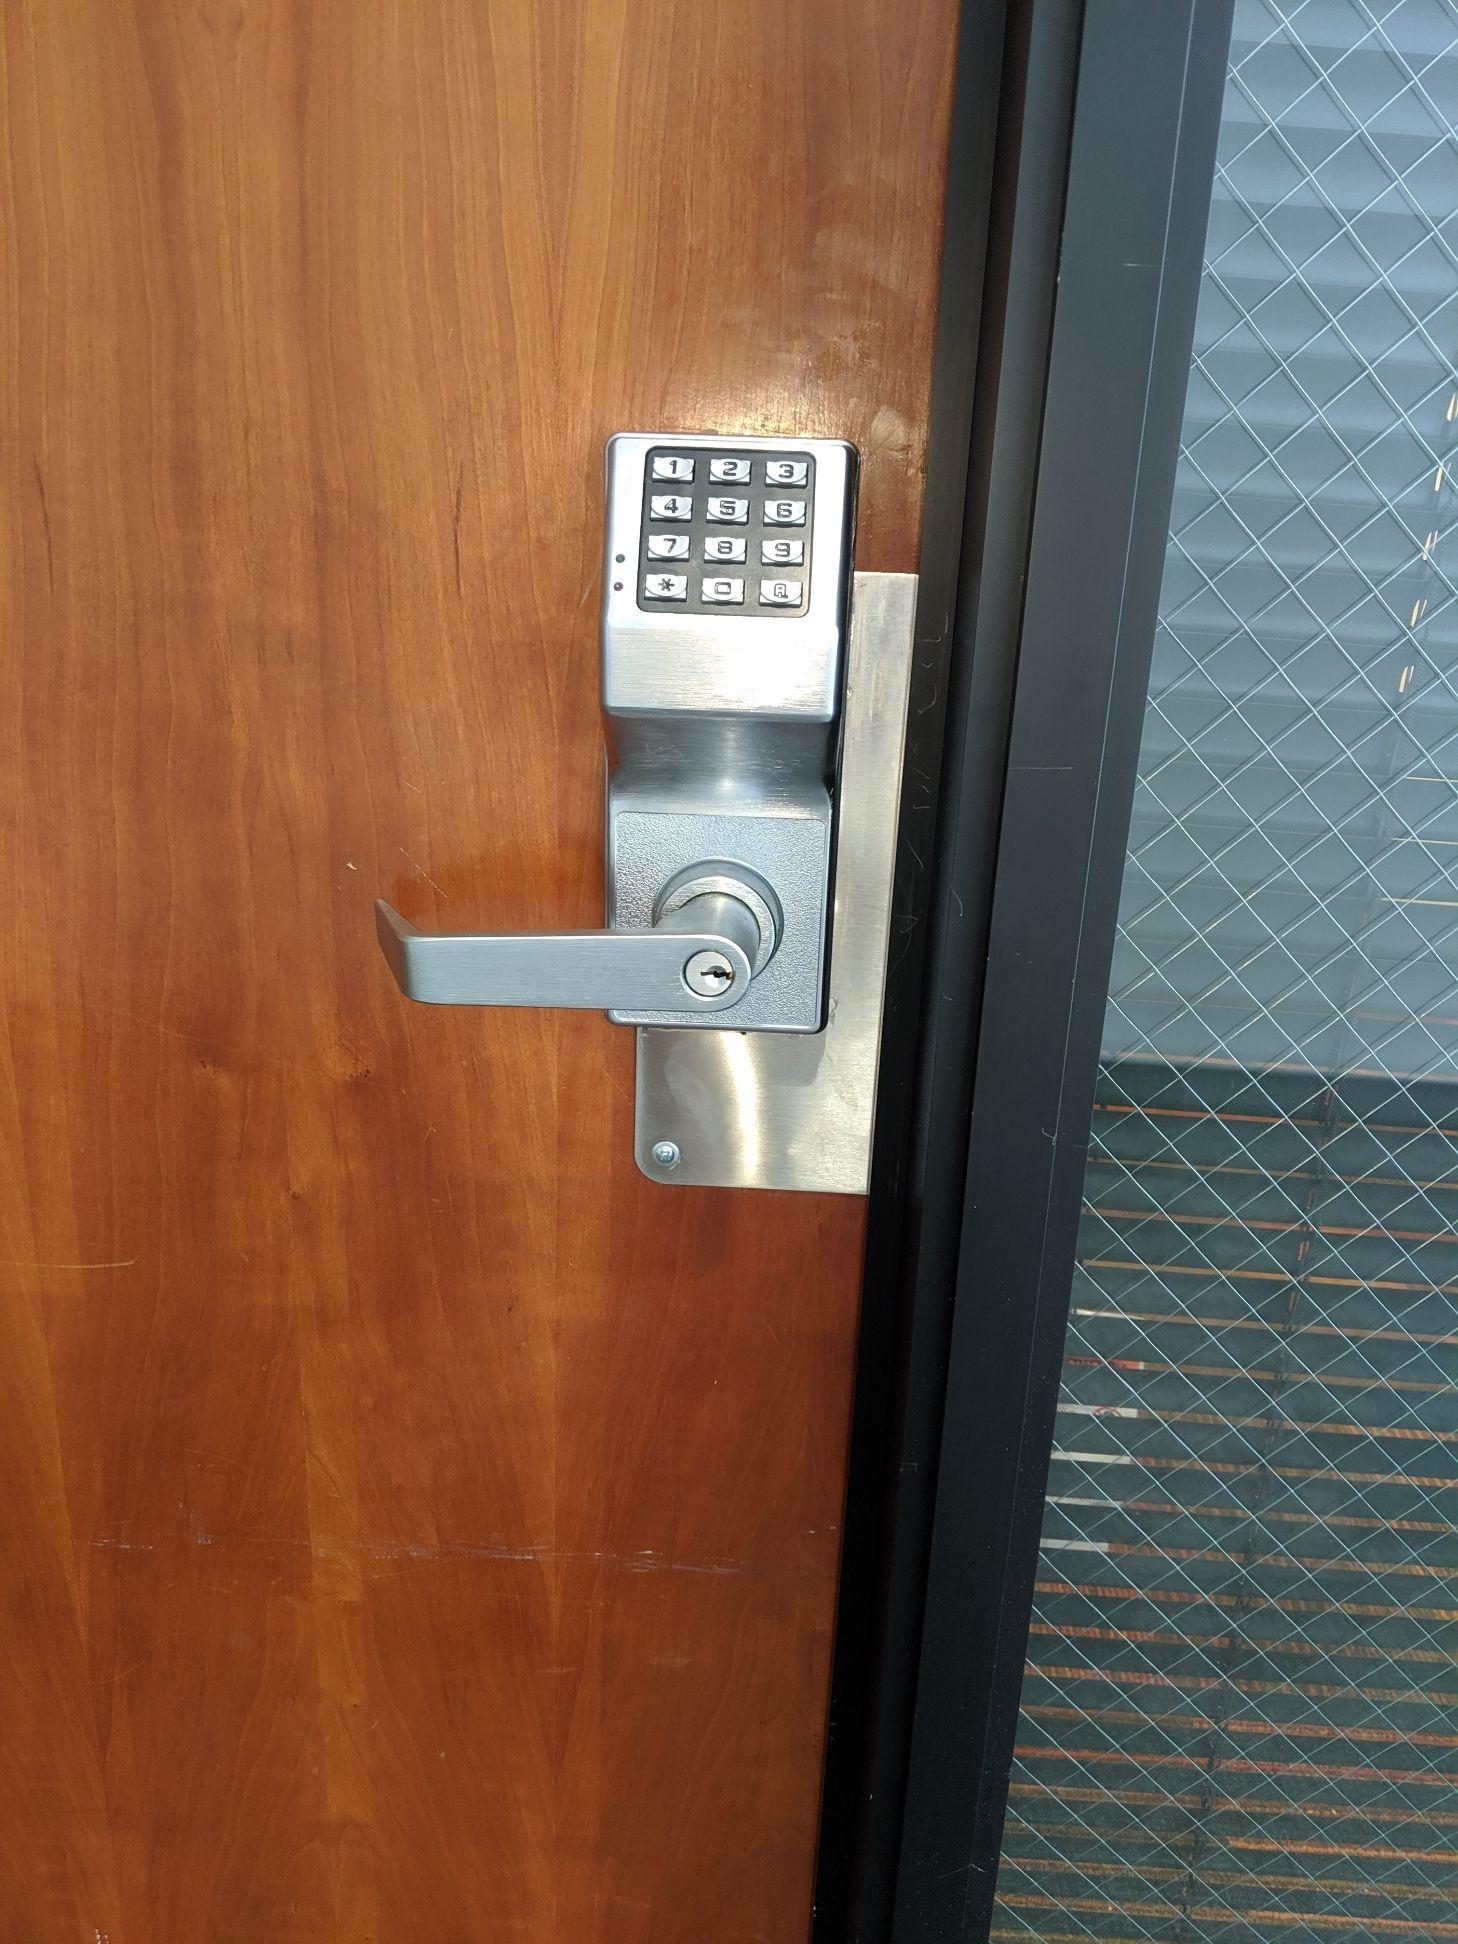 All Pro Locksmith Los Angeles 888 276 1949 Https Allprolocks Com Locksmith Emergency Locksmith All Pro